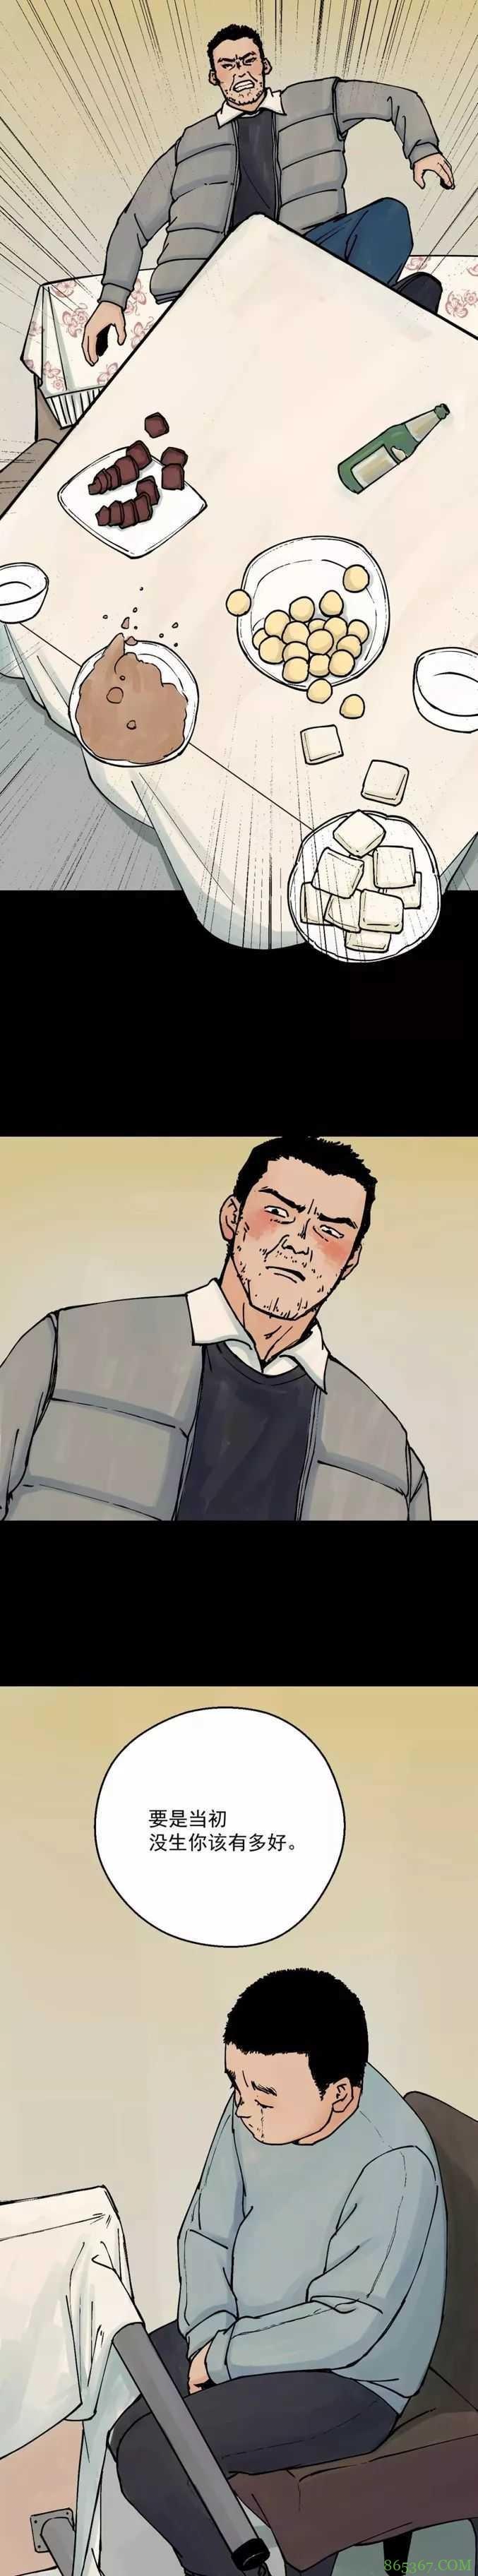 恐怖少年漫画《青少年矫正中心》 三个故事折射三类人群